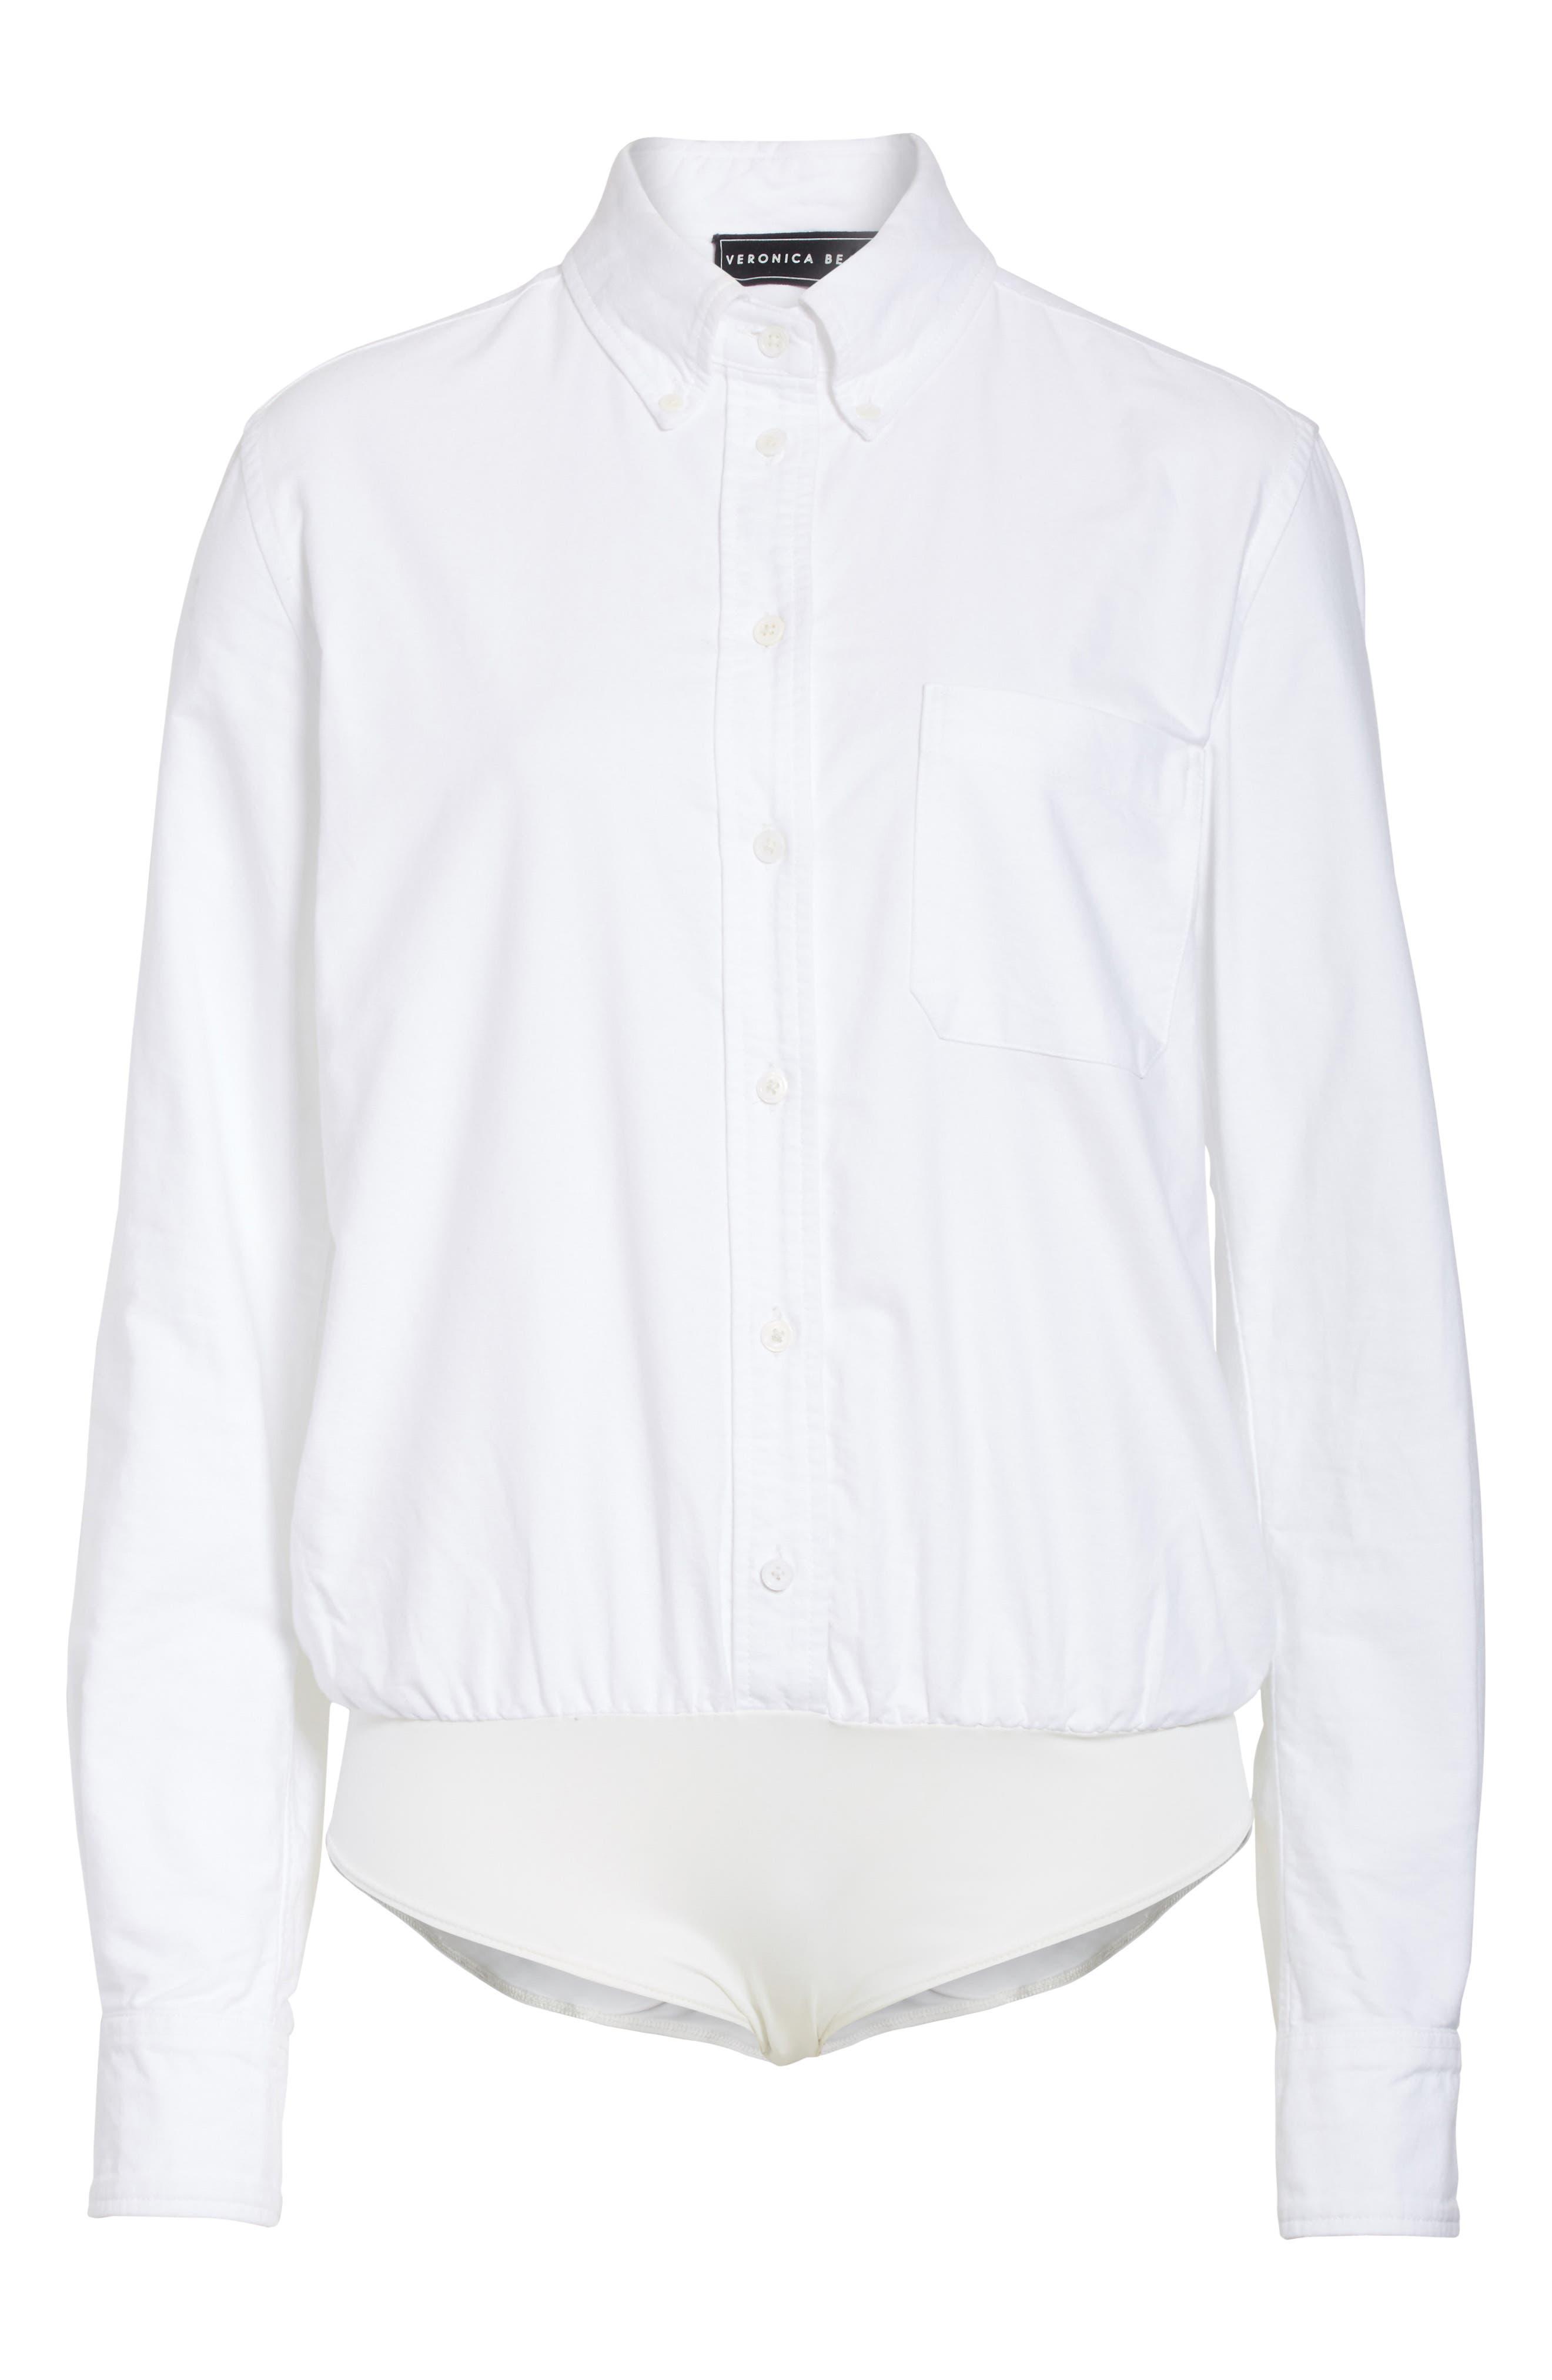 Brigitte Bodysuit,                             Alternate thumbnail 6, color,                             White